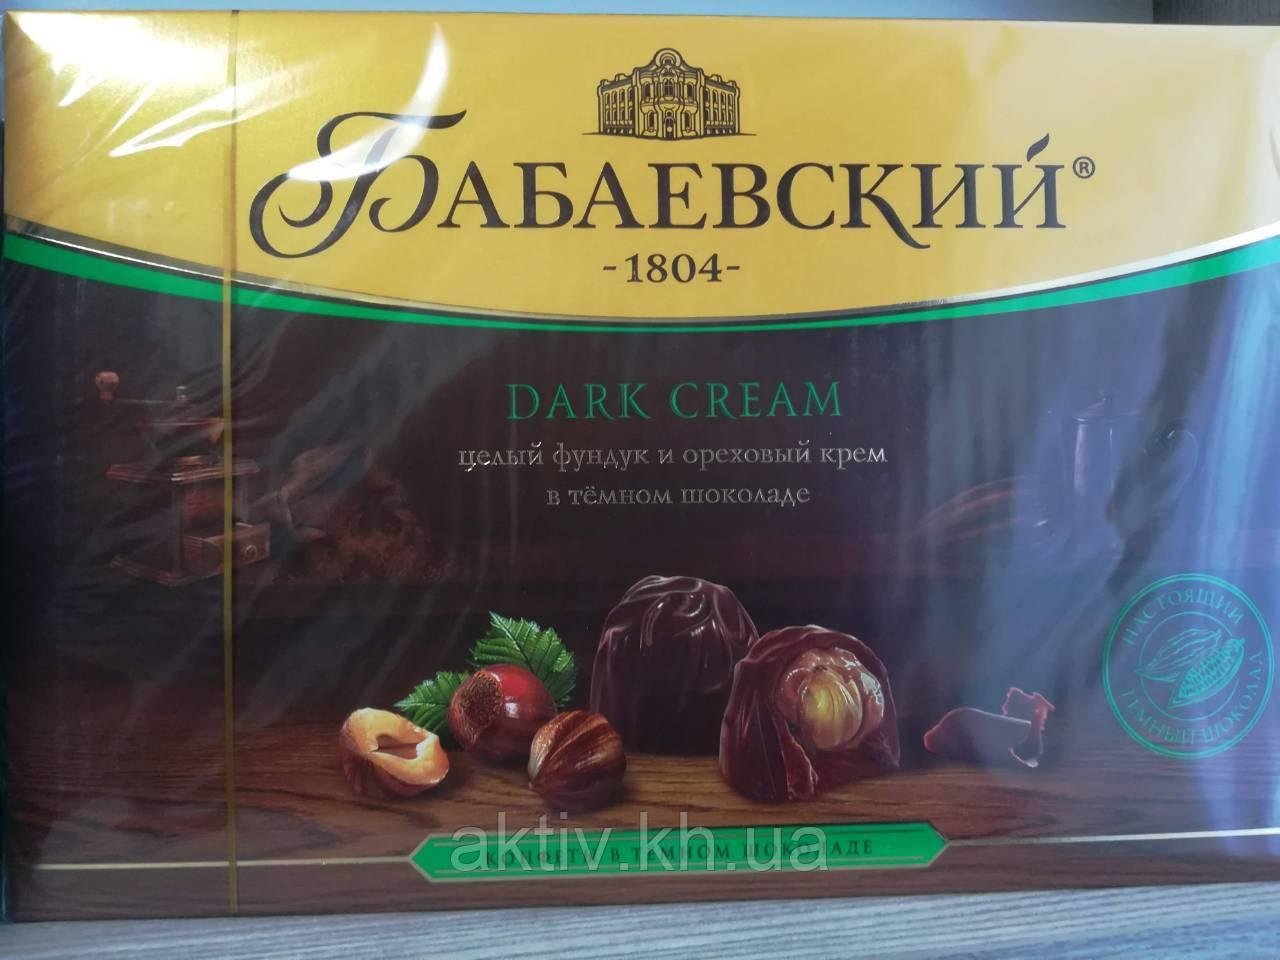 Конфеты в коробке Dark Cream, Целый фундук и ореховый крем, 200 гр.